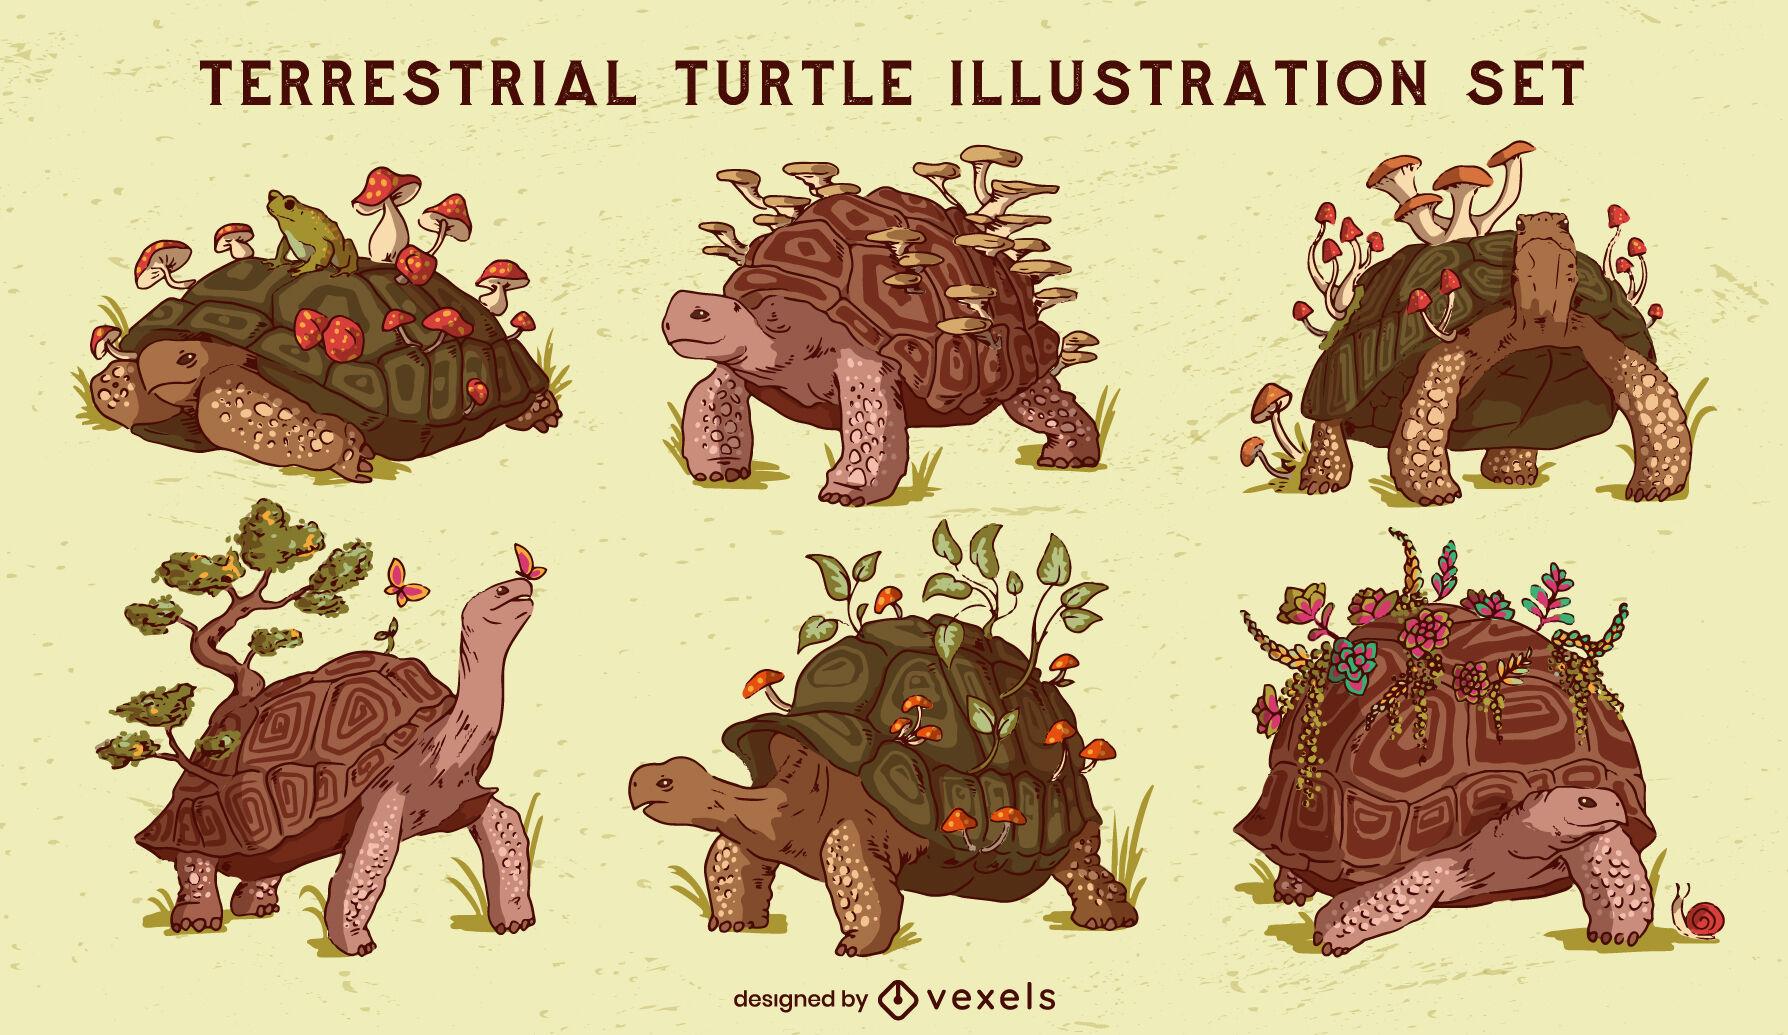 Conjunto de naturaleza de animales de tortuga terrestre.